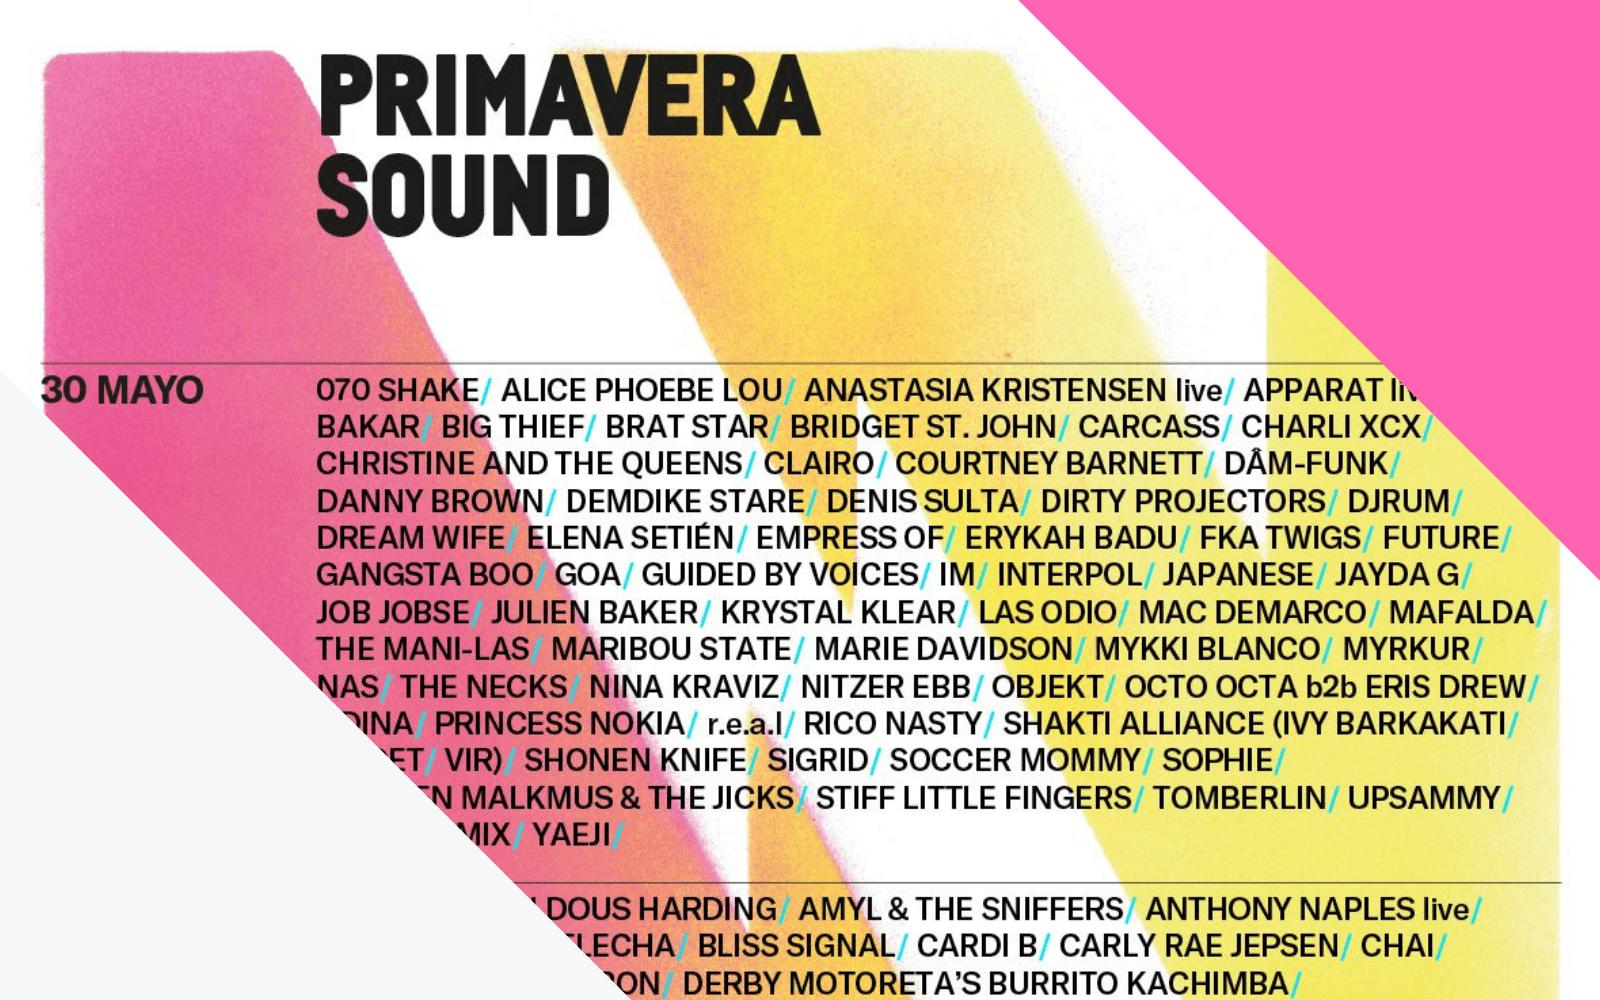 Como ir para o Primavera Sound Barcelona 2019?